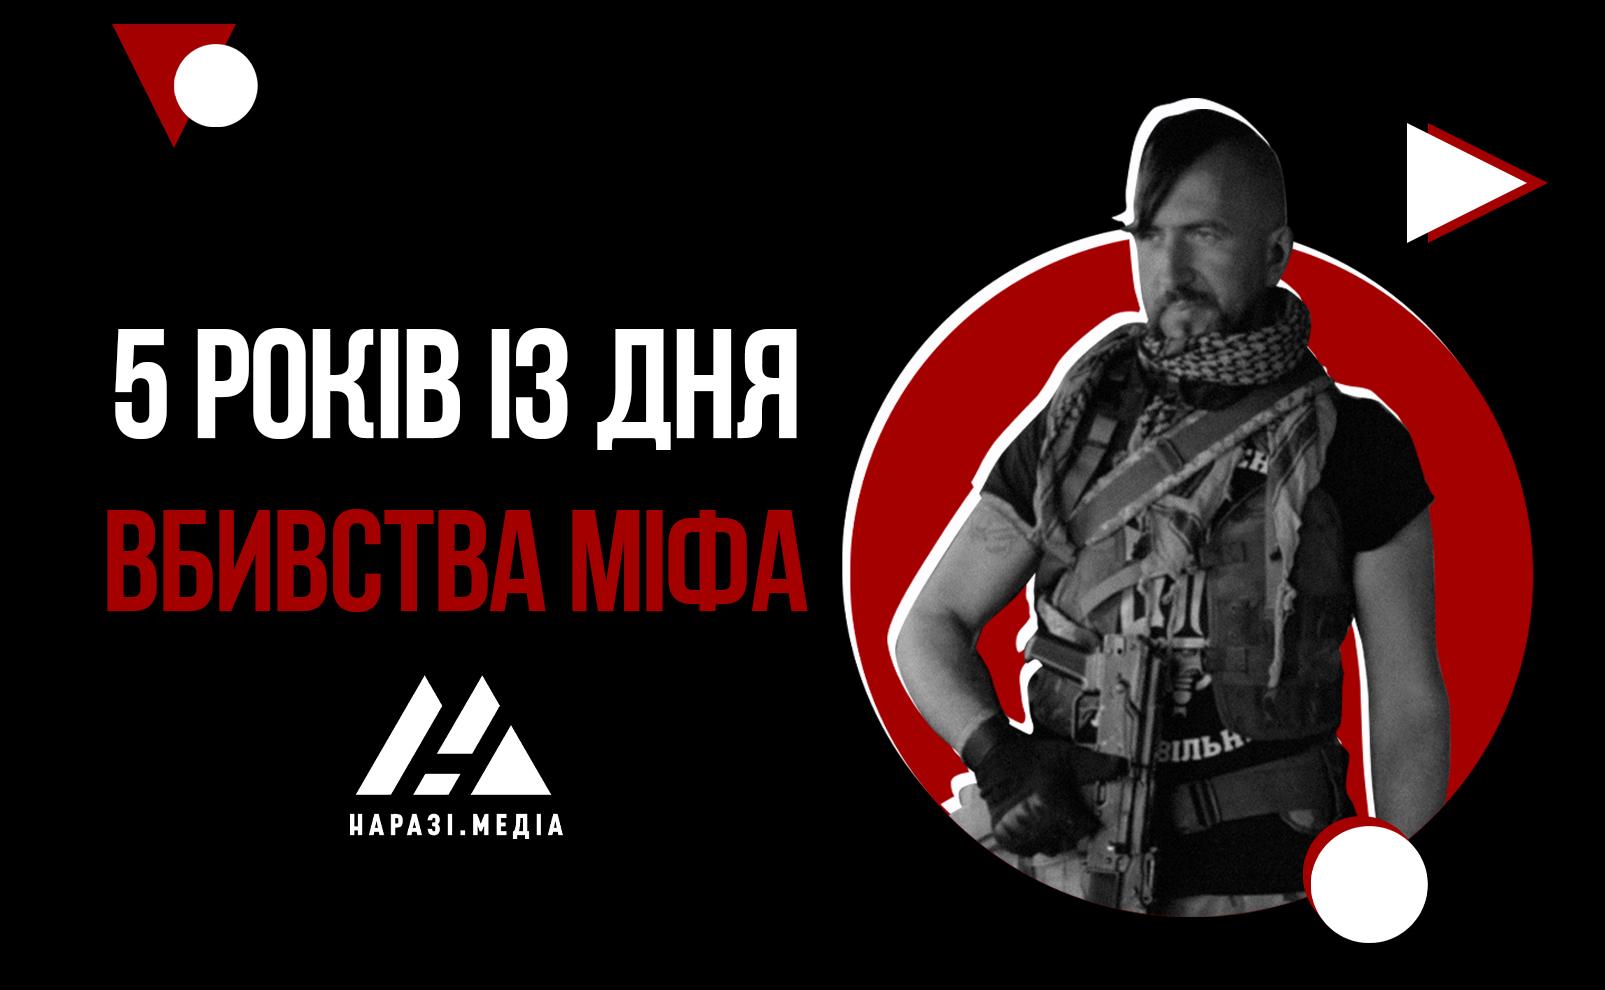 Василь Сліпак був убитий в бою на Донбасі п'ять років тому